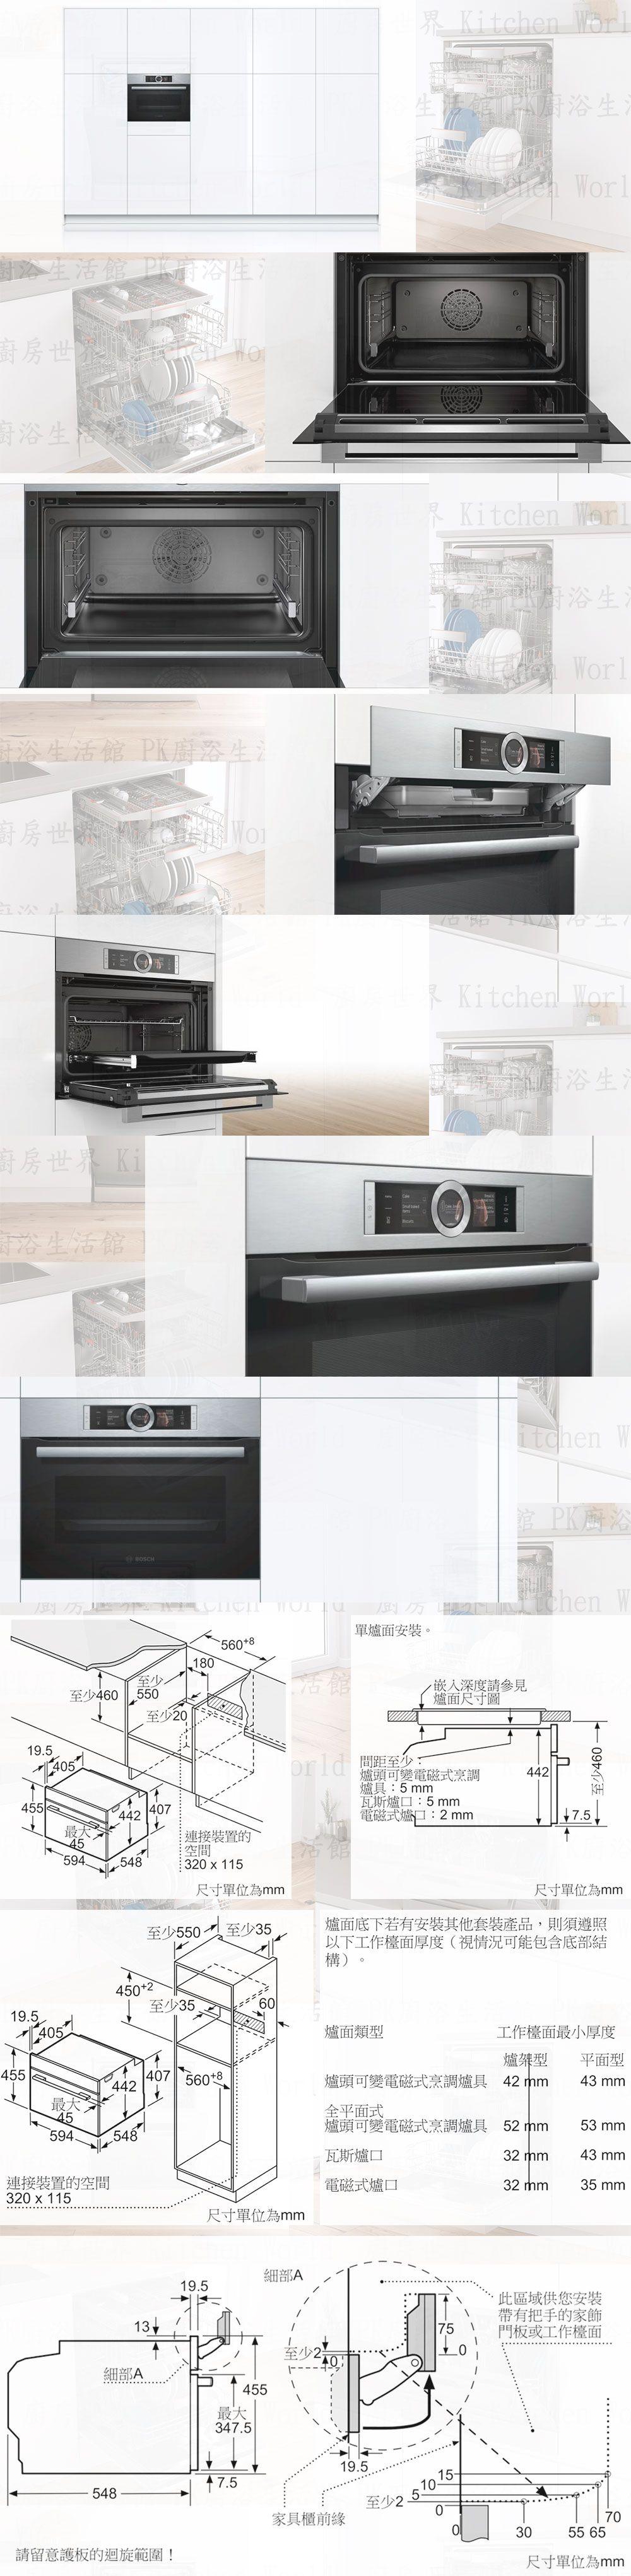 PK/goods/BOSCH/Oven/CSG656RS1-DM-1.jpg